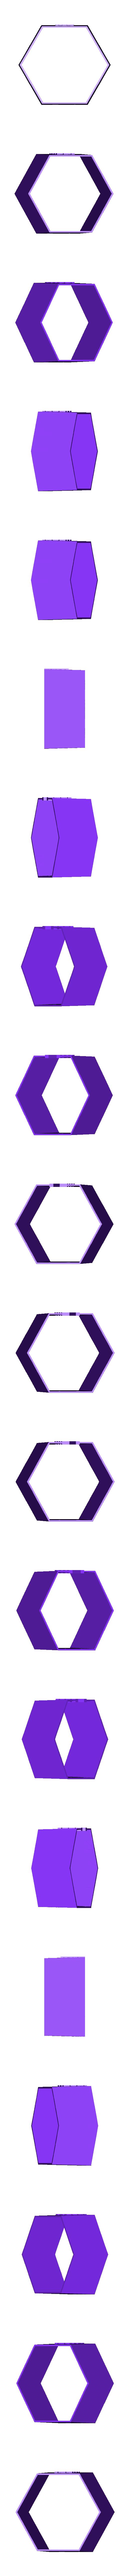 LH_hexa_base_fixed_2_weiss.stl Télécharger fichier STL gratuit Phare • Modèle pour impression 3D, jteix